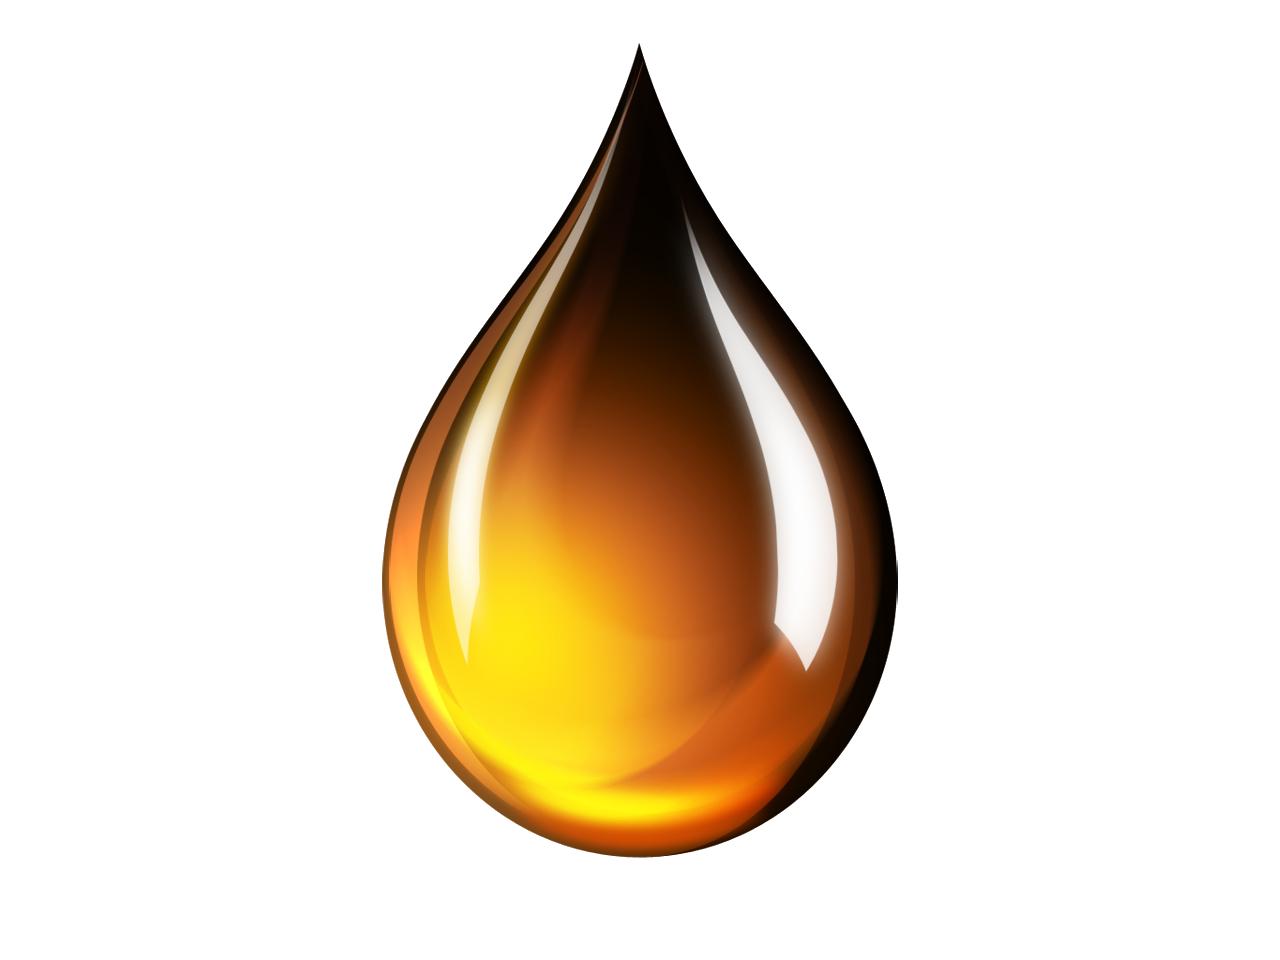 Fuel Petrol Png Image Drop Logo Fuel Oils